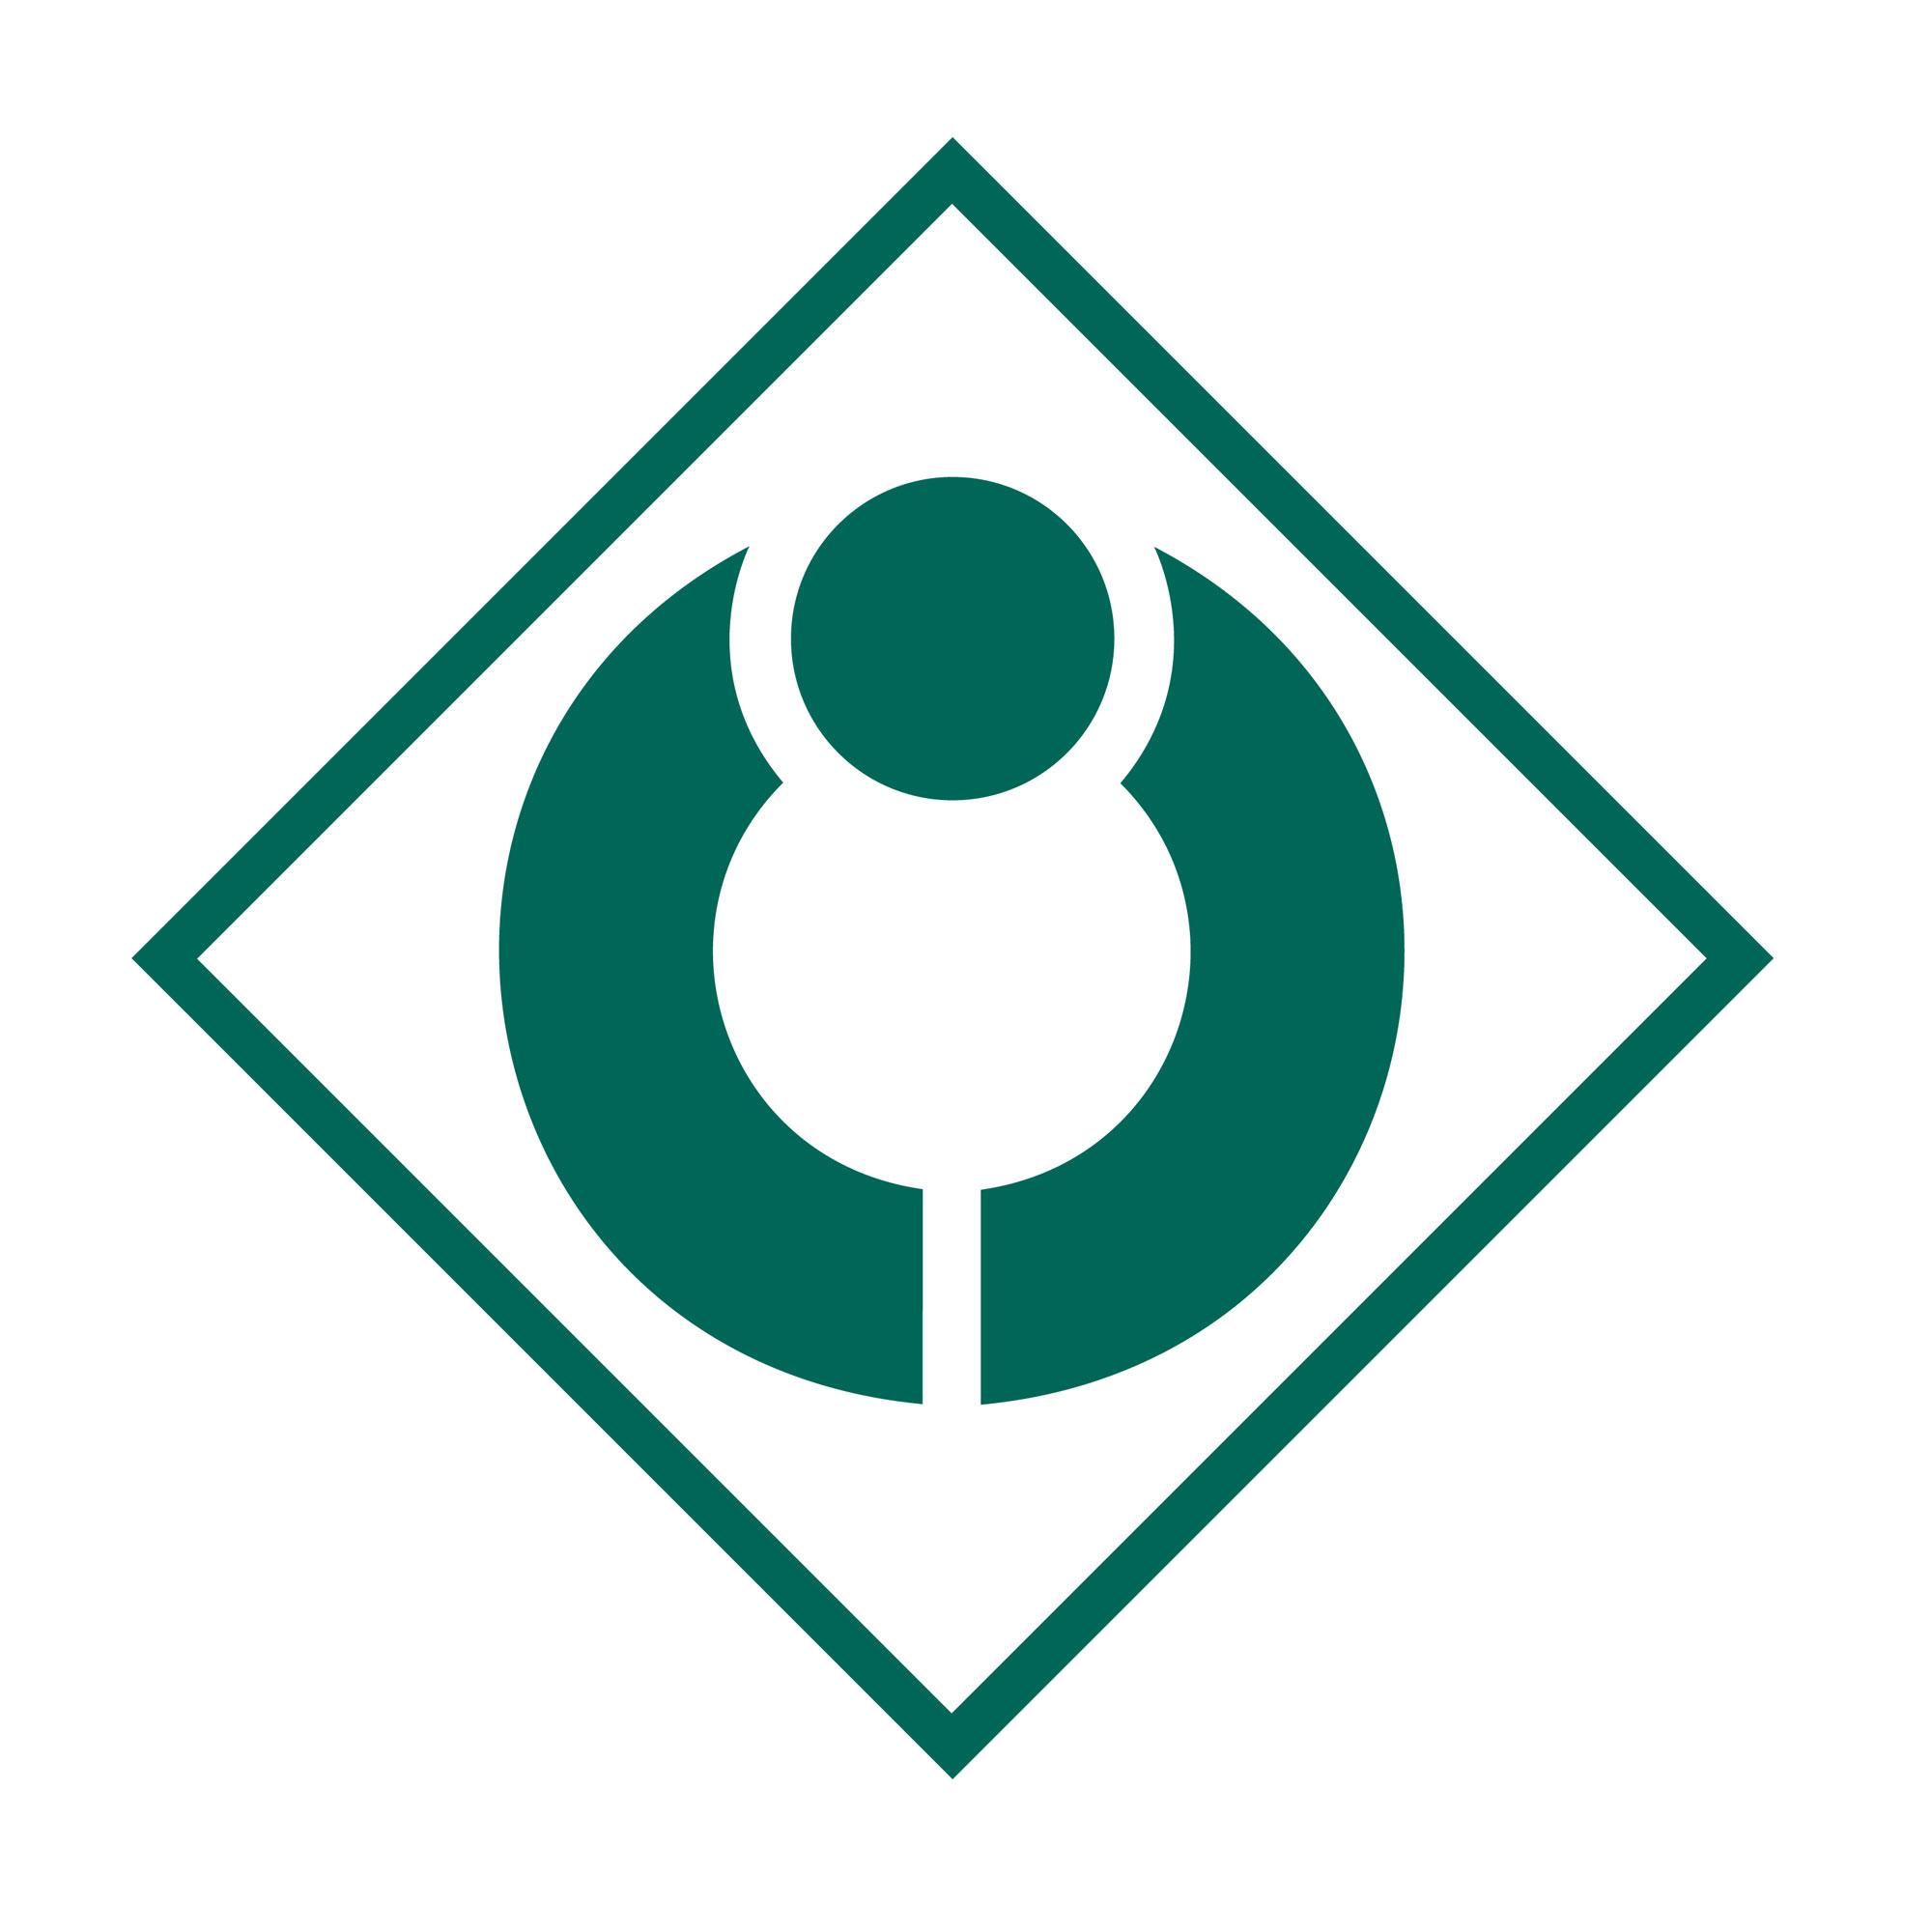 Logo-Ahorn-Grieneisen-Signet